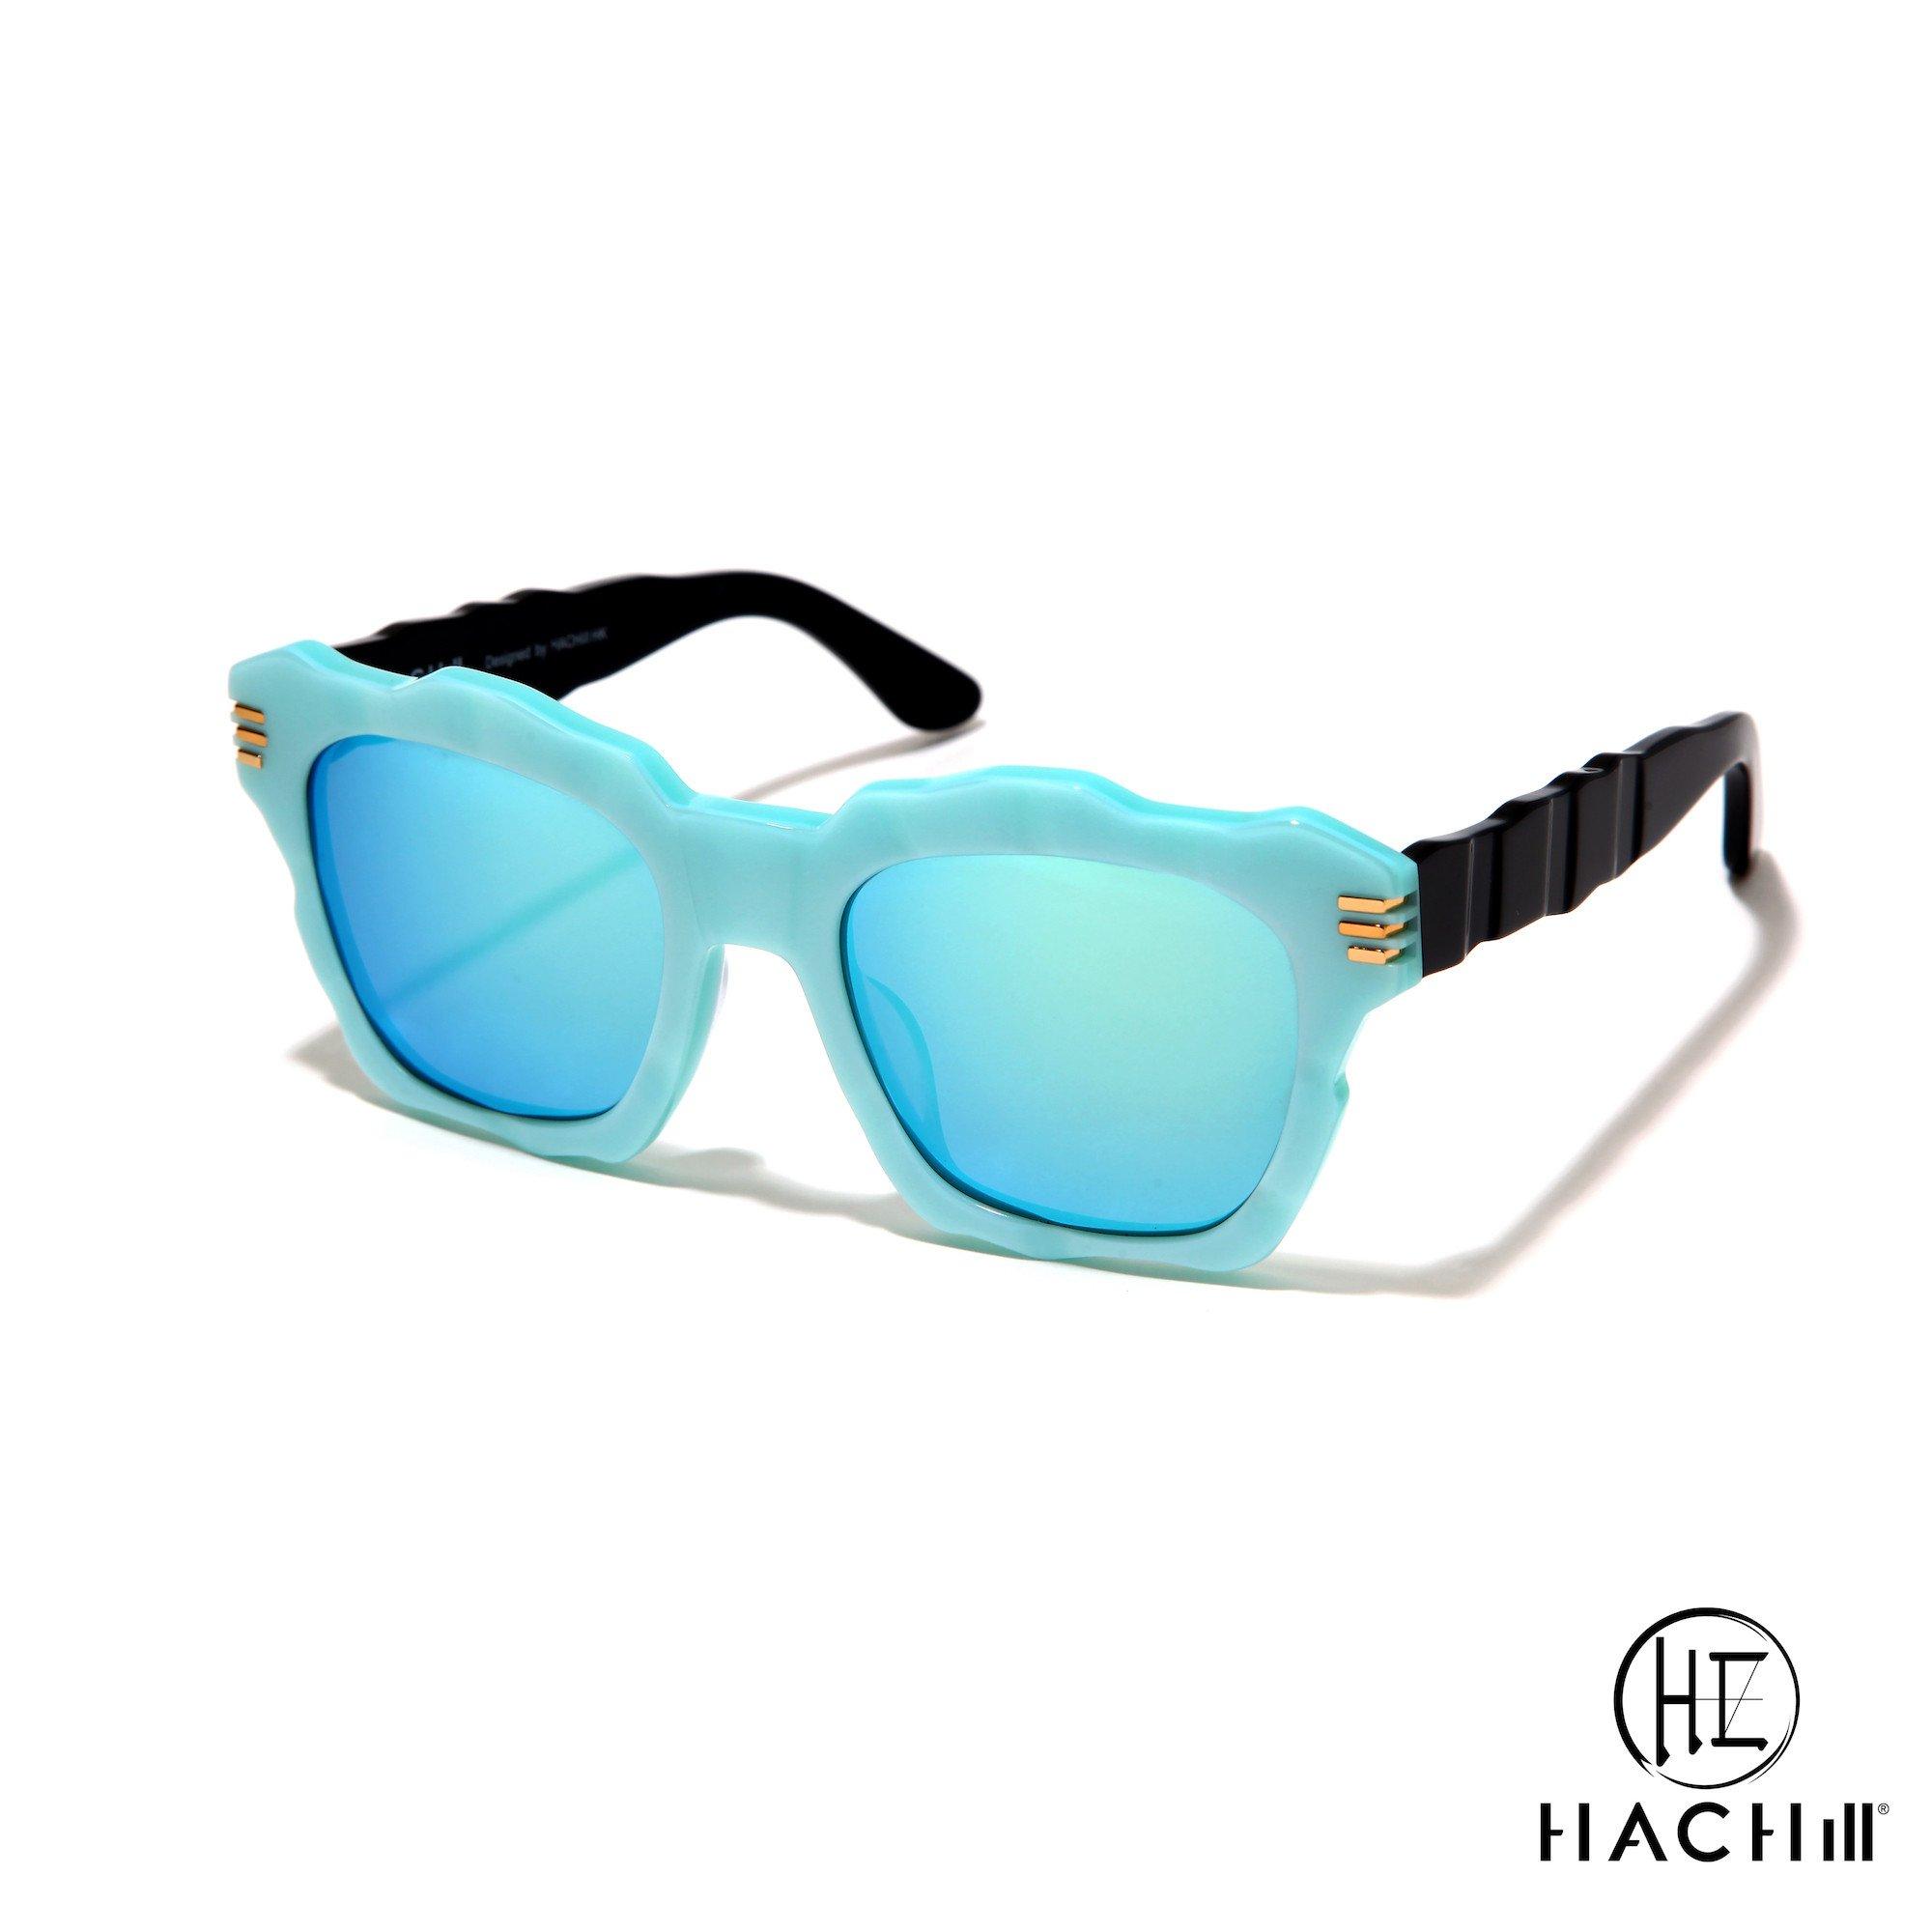 Hachill 太阳眼镜 HC8255S-C5 浅蓝色